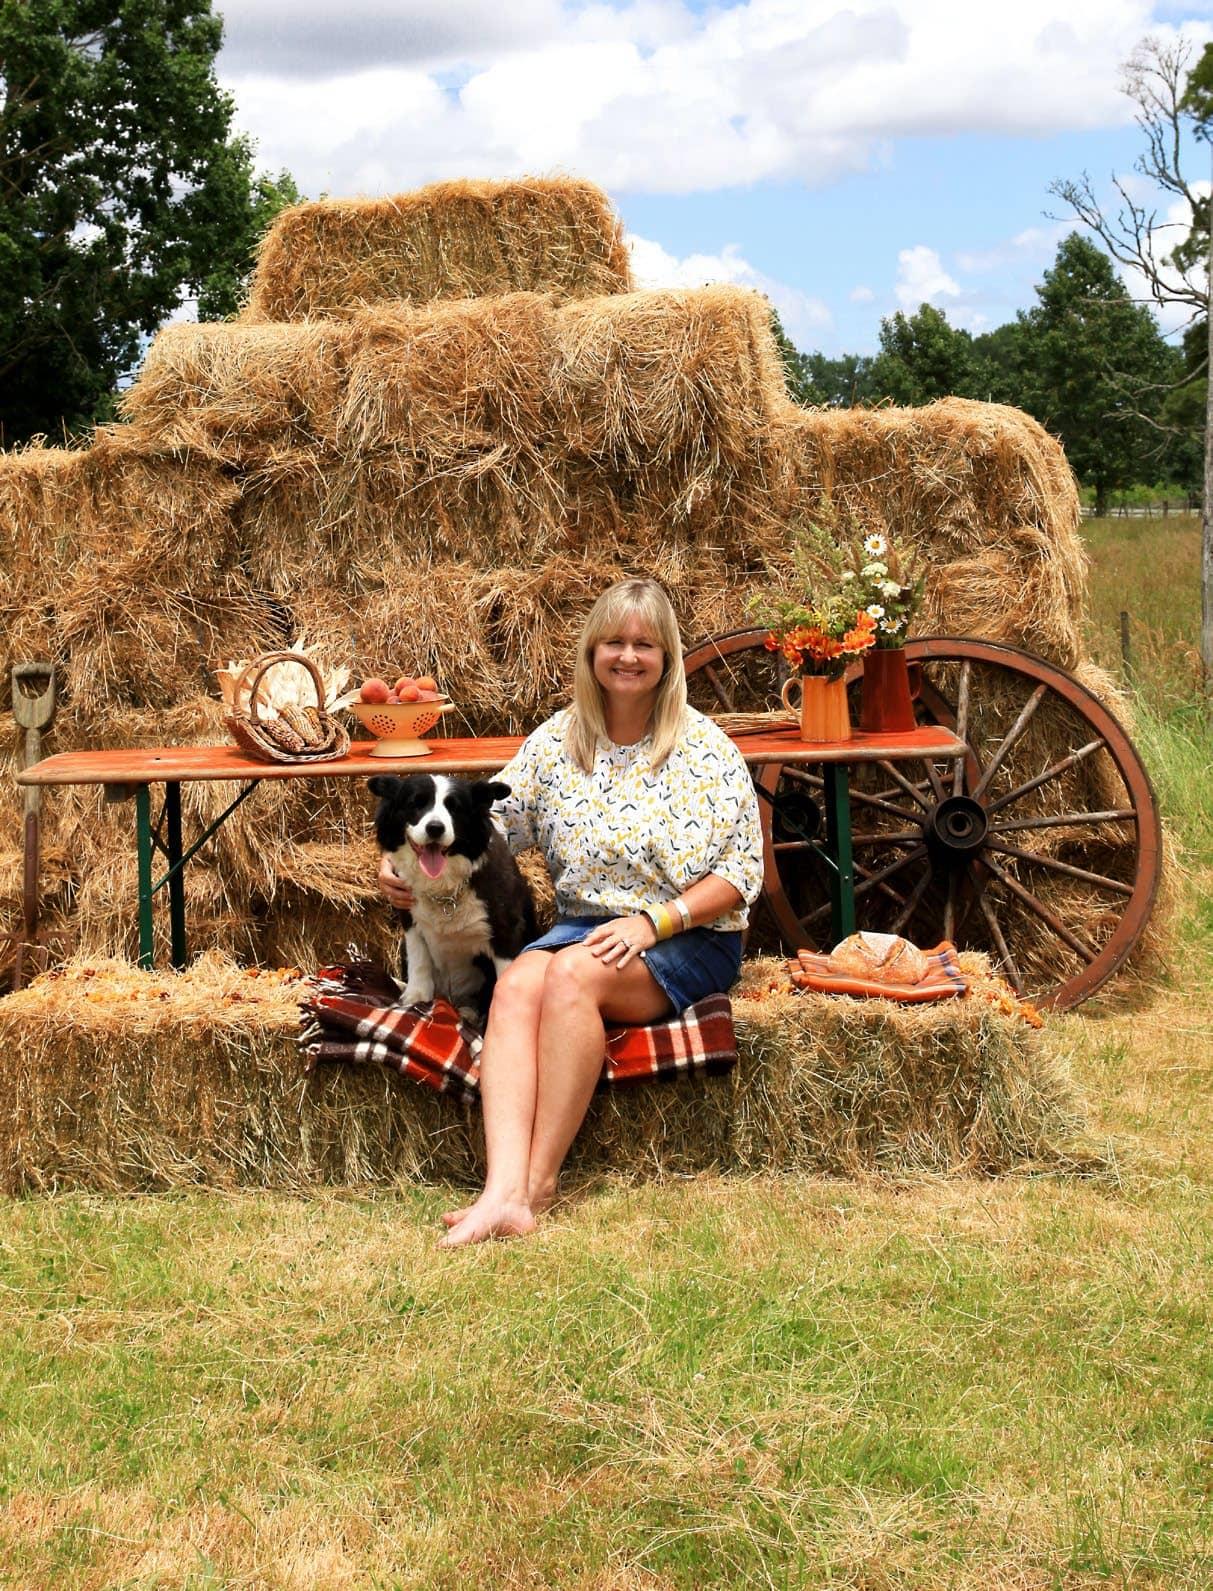 Let's make hay